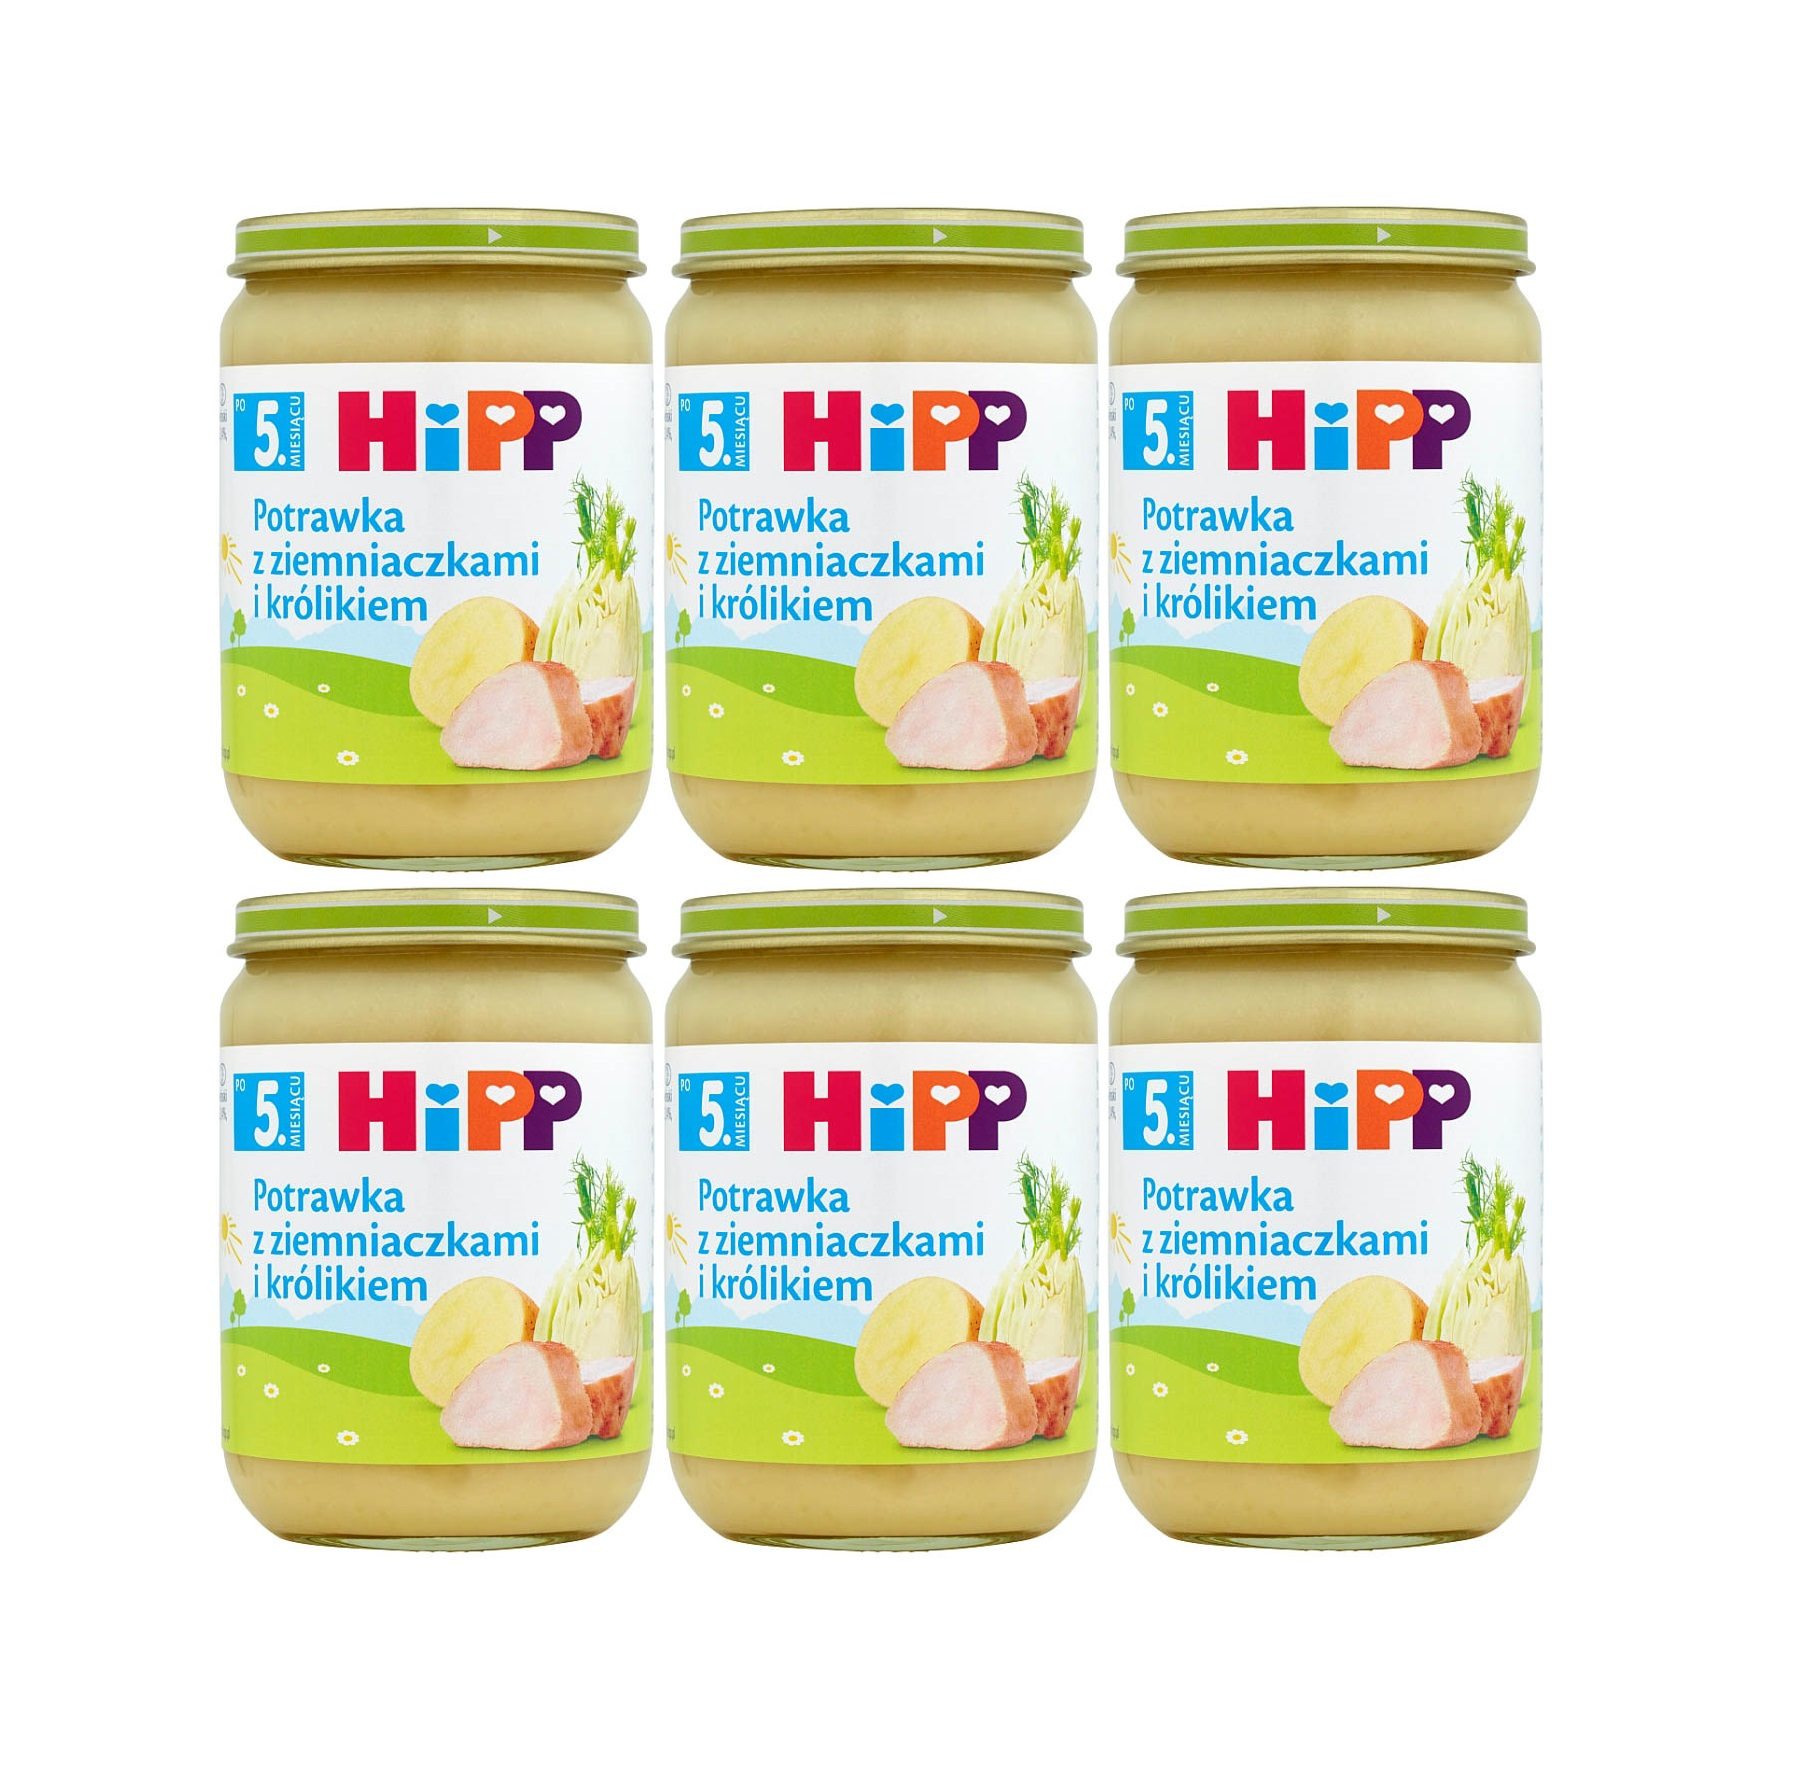 6 pak hipp 190 potrawka z ziemniakami i krolikiem